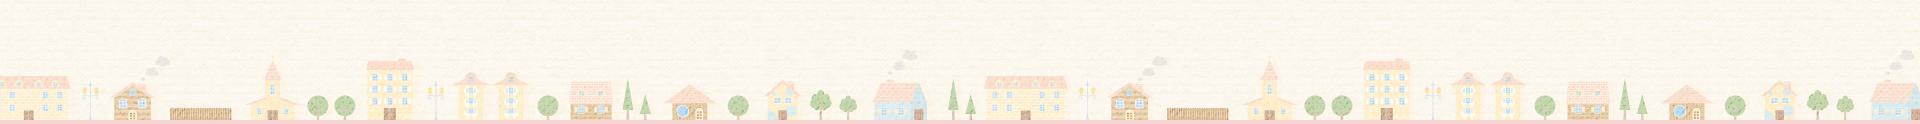 家が並んでいる細長い画像